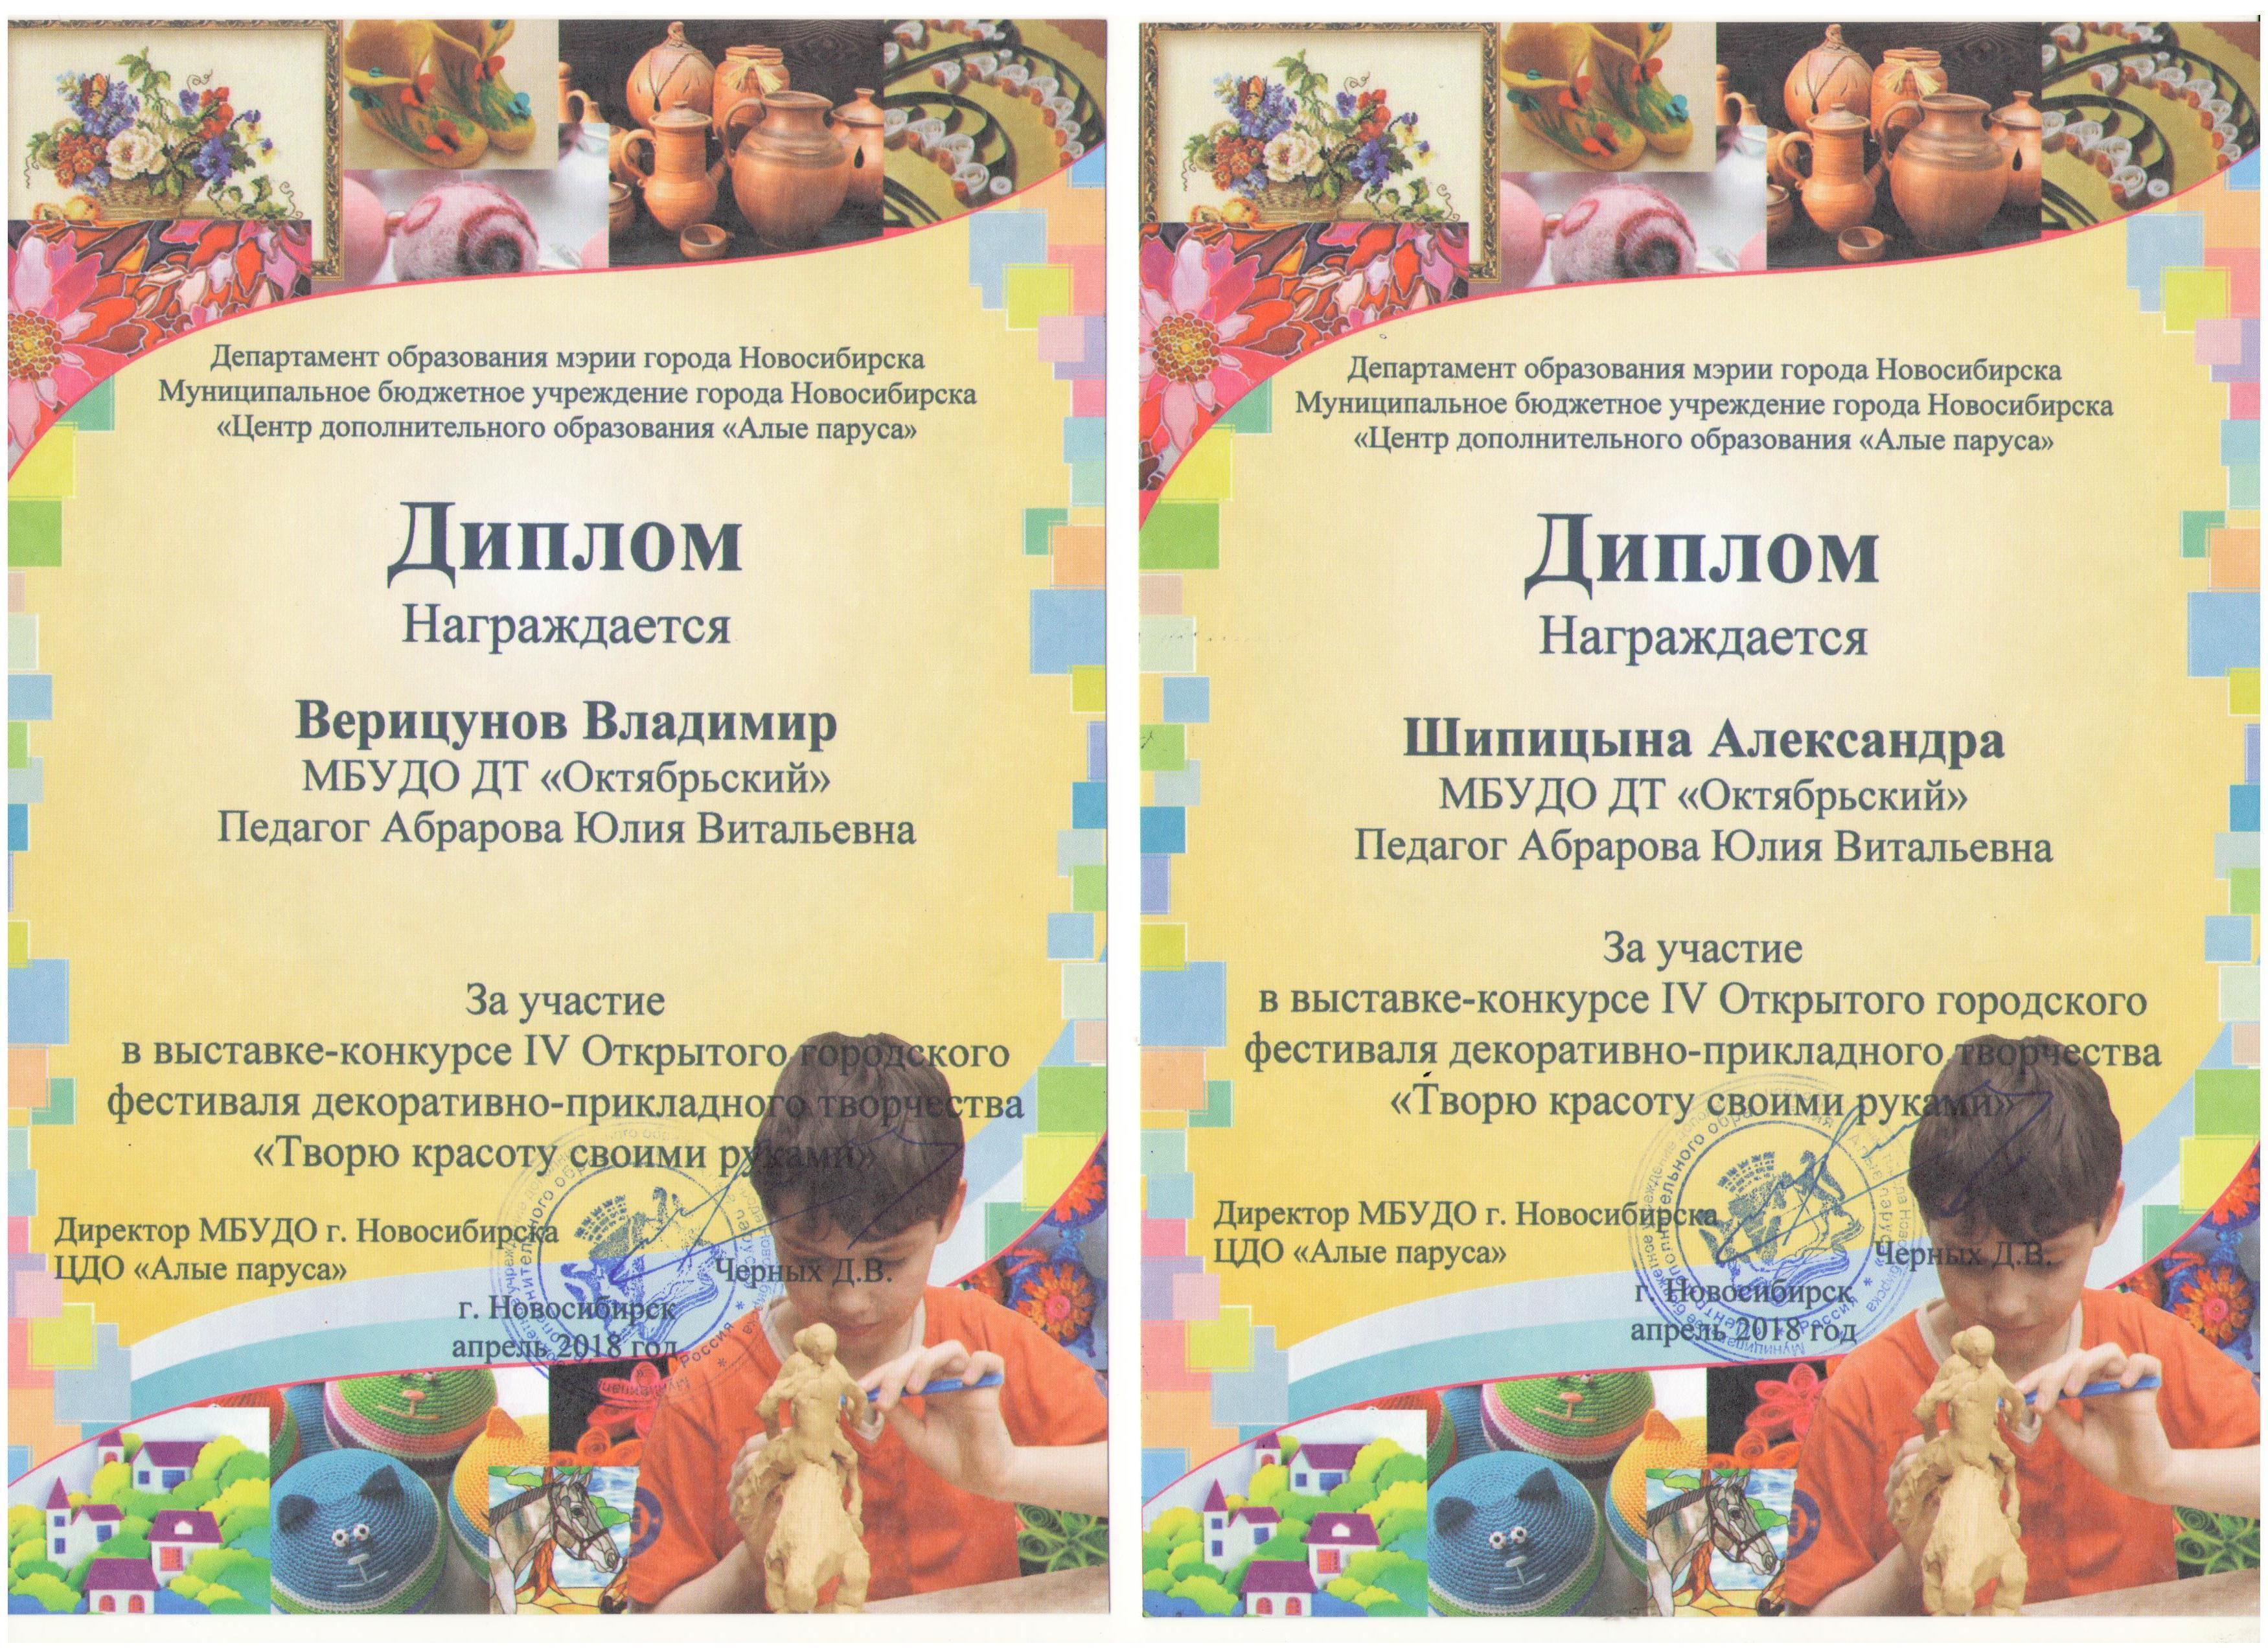 ВерицуновШипицына_Творим-красоту_24.04.18-001